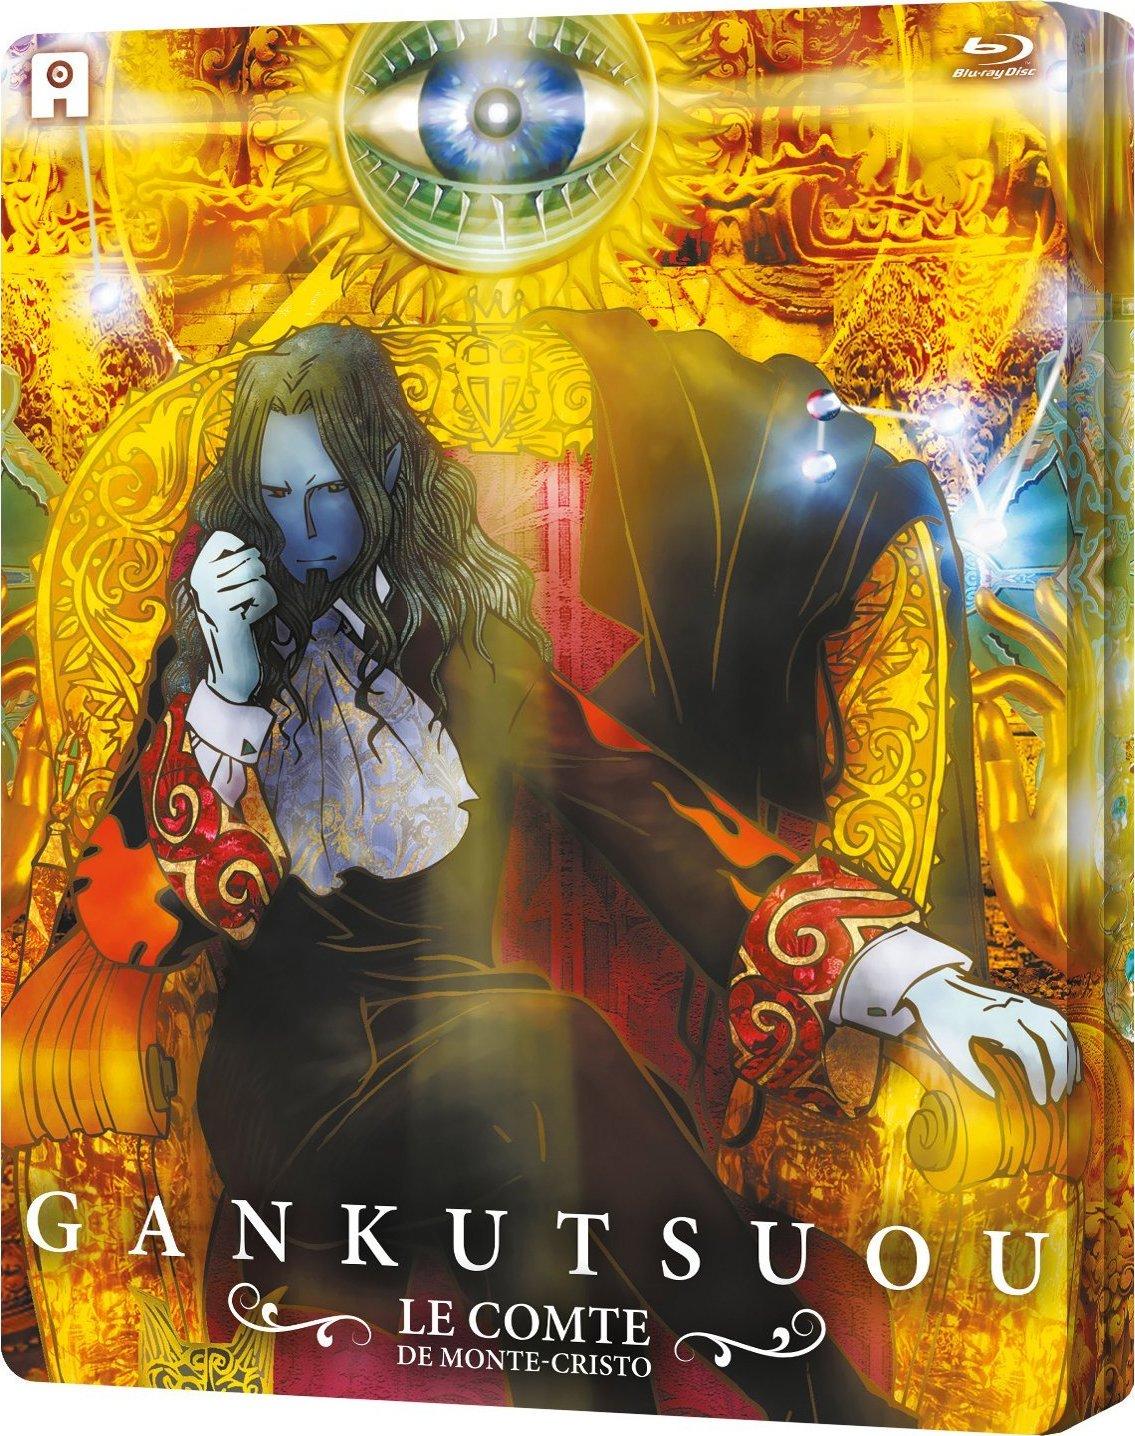 Gankutsuou: The Count of Monte Cristo Blu-ray (United Kingdom)